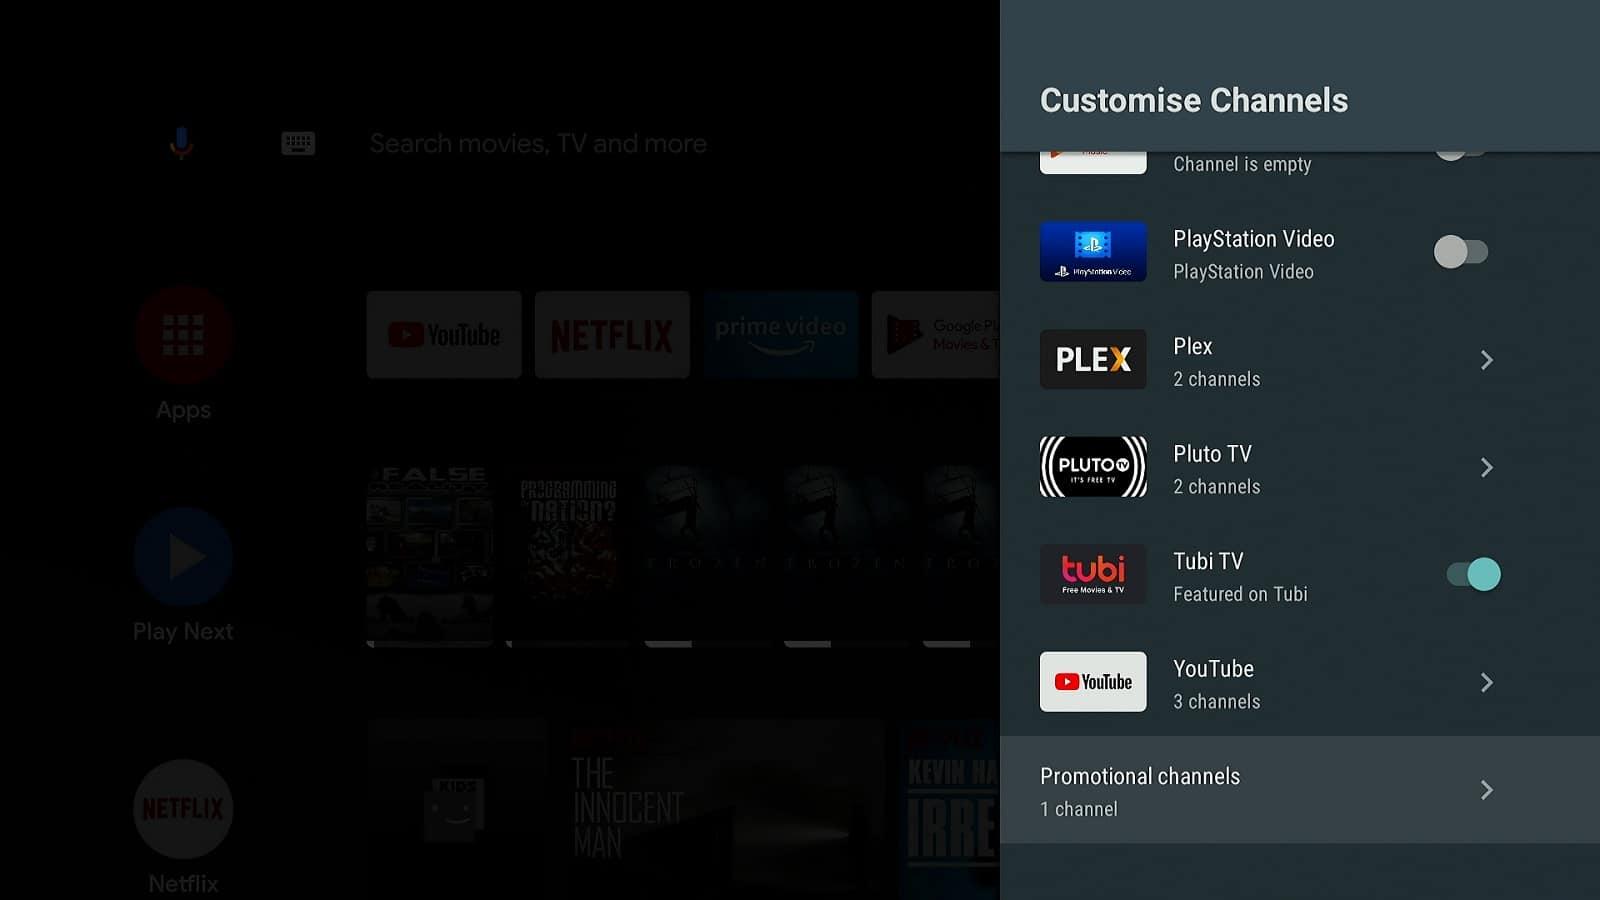 App Channels